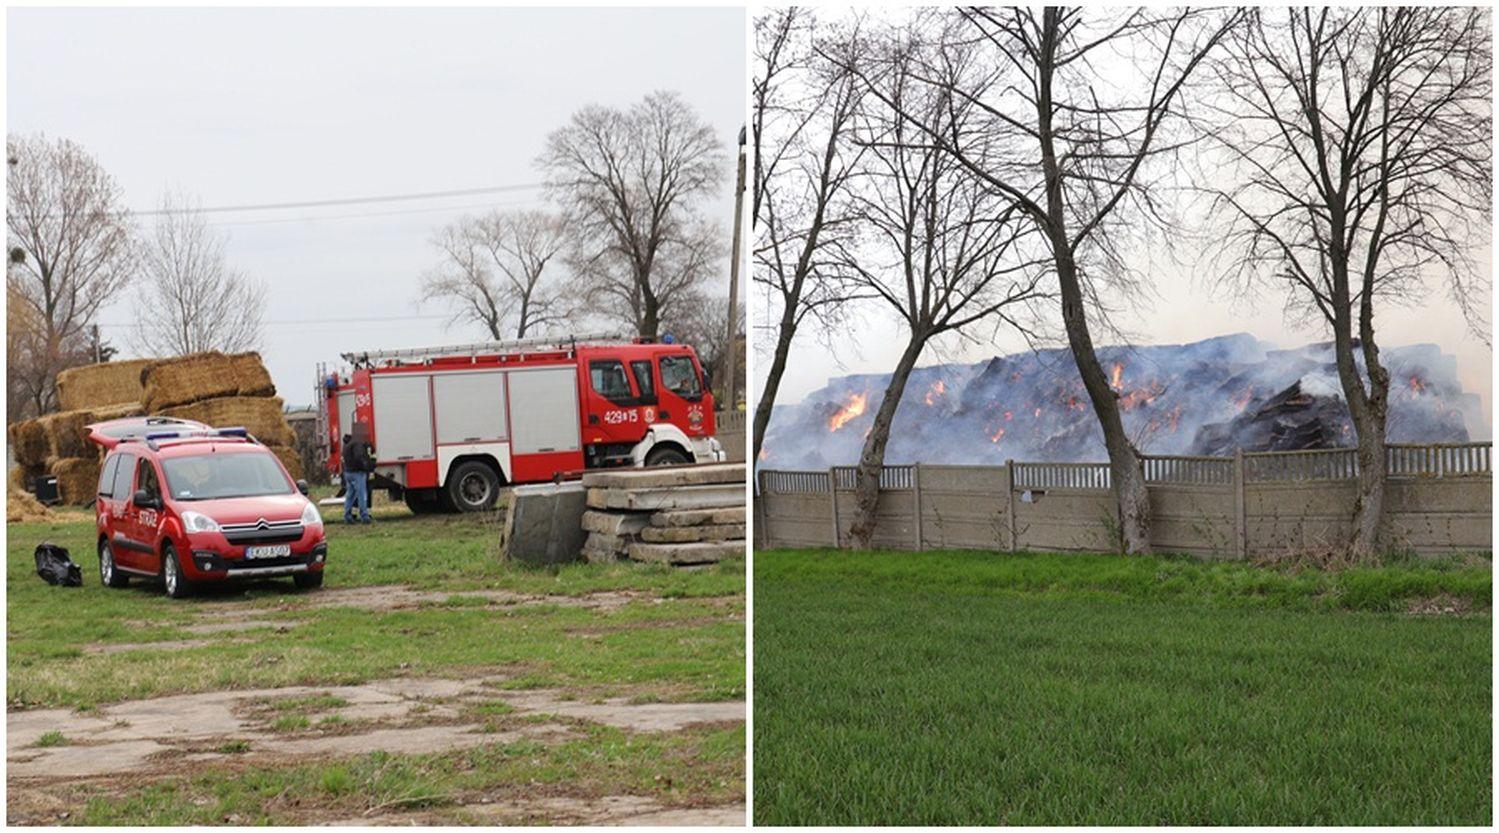 [ZDJĘCIA] Pożar w powiecie kutnowskim. To prawdopodobnie podpalenie  - Zdjęcie główne